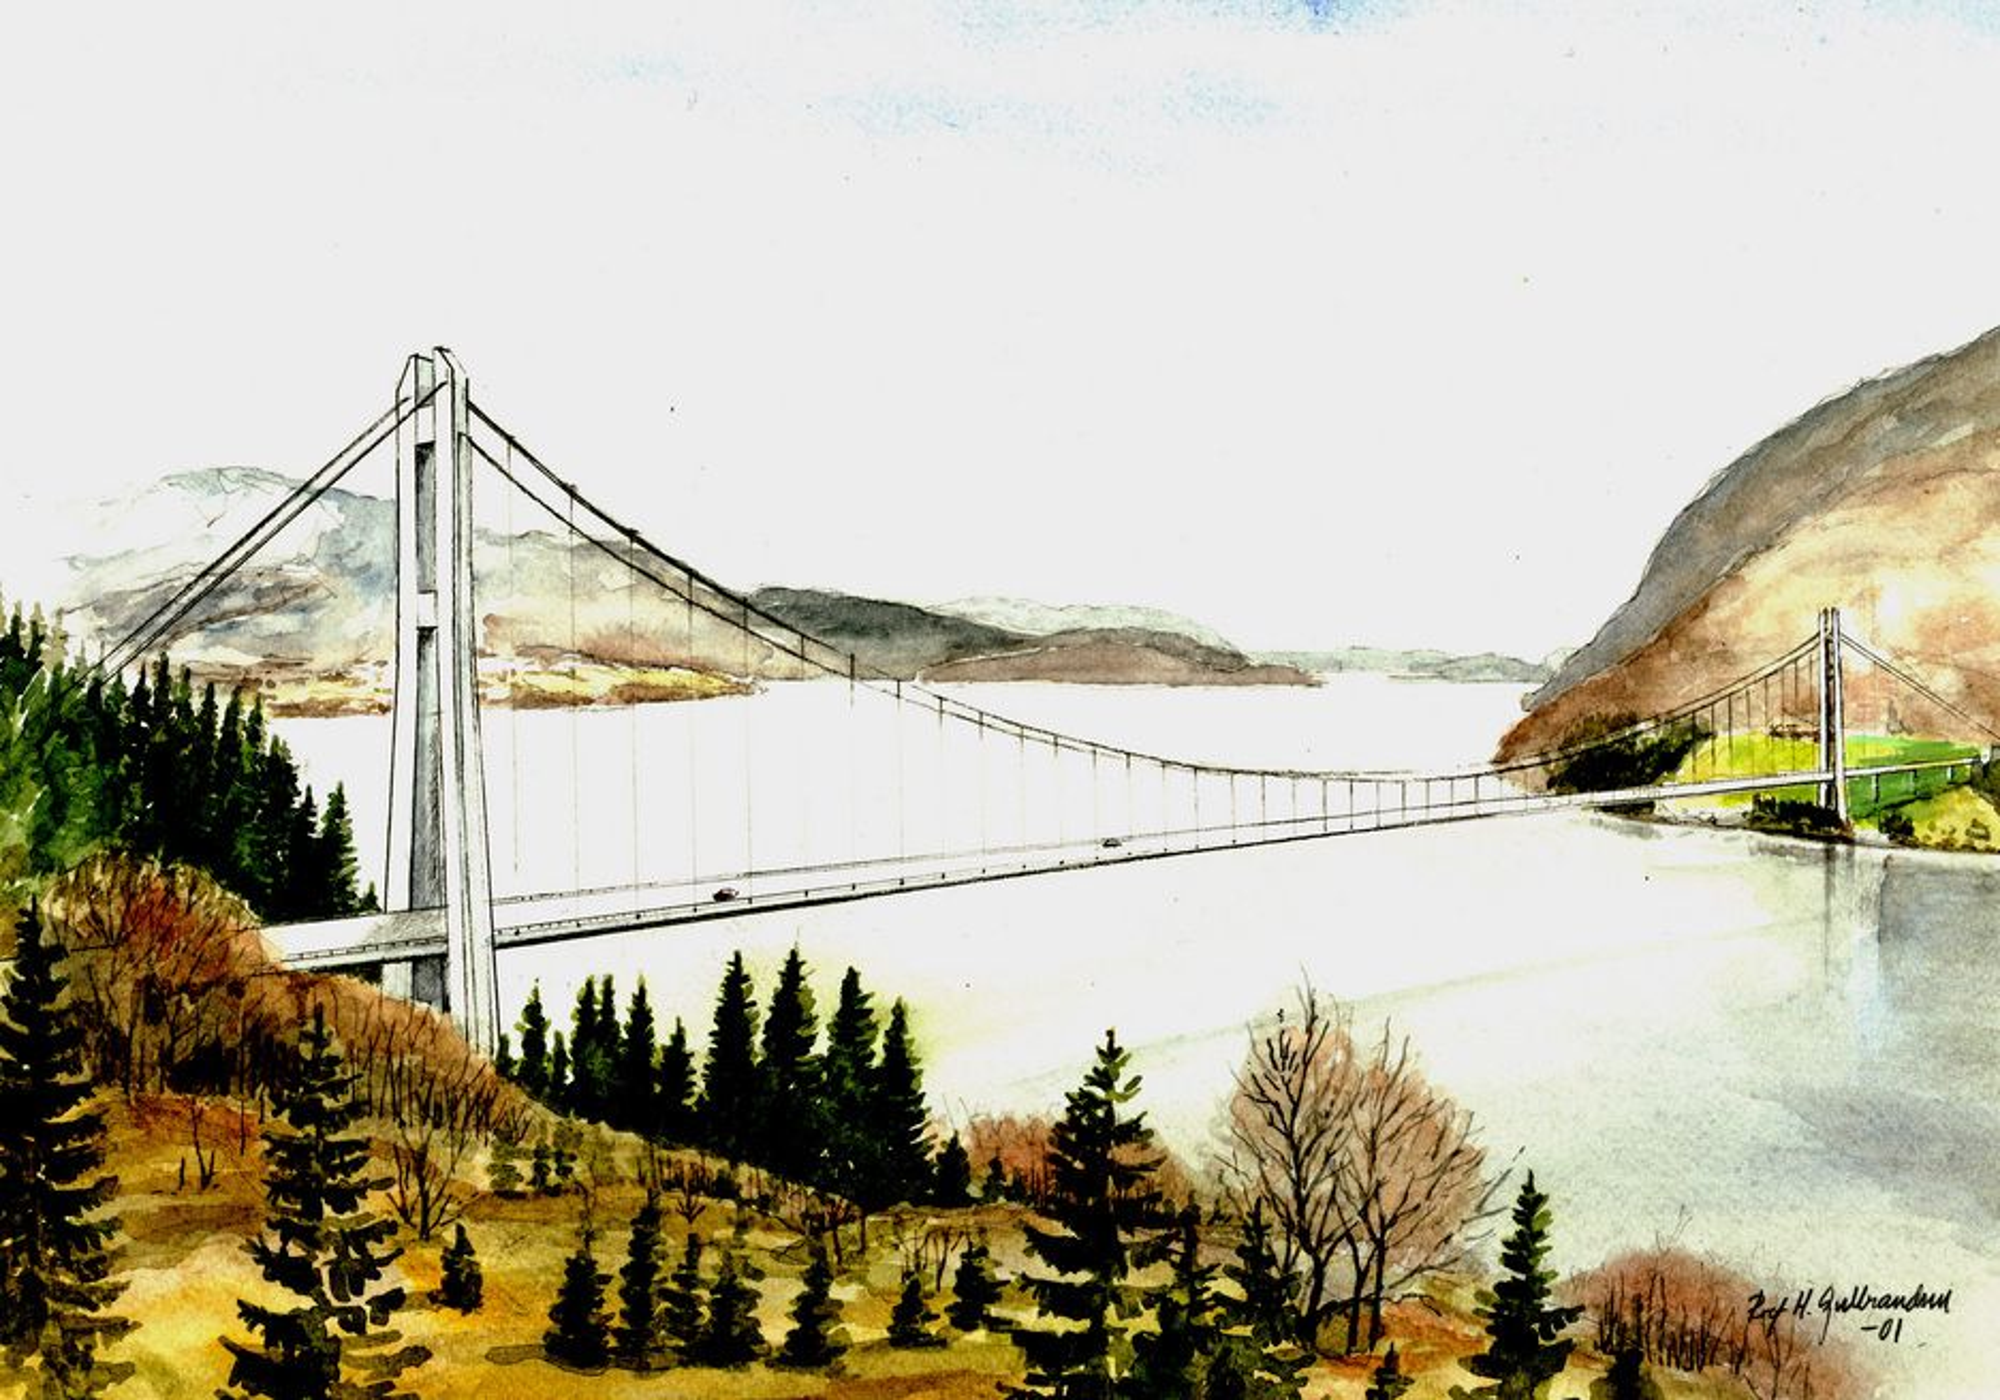 Slik vil brua over Dalsfjorden se ut hvis Stortinget gir sin tilslutning til prosjektet. Det gjenstår å se...... (Ill.: Arkitekt Rolf Gulbrandsen)